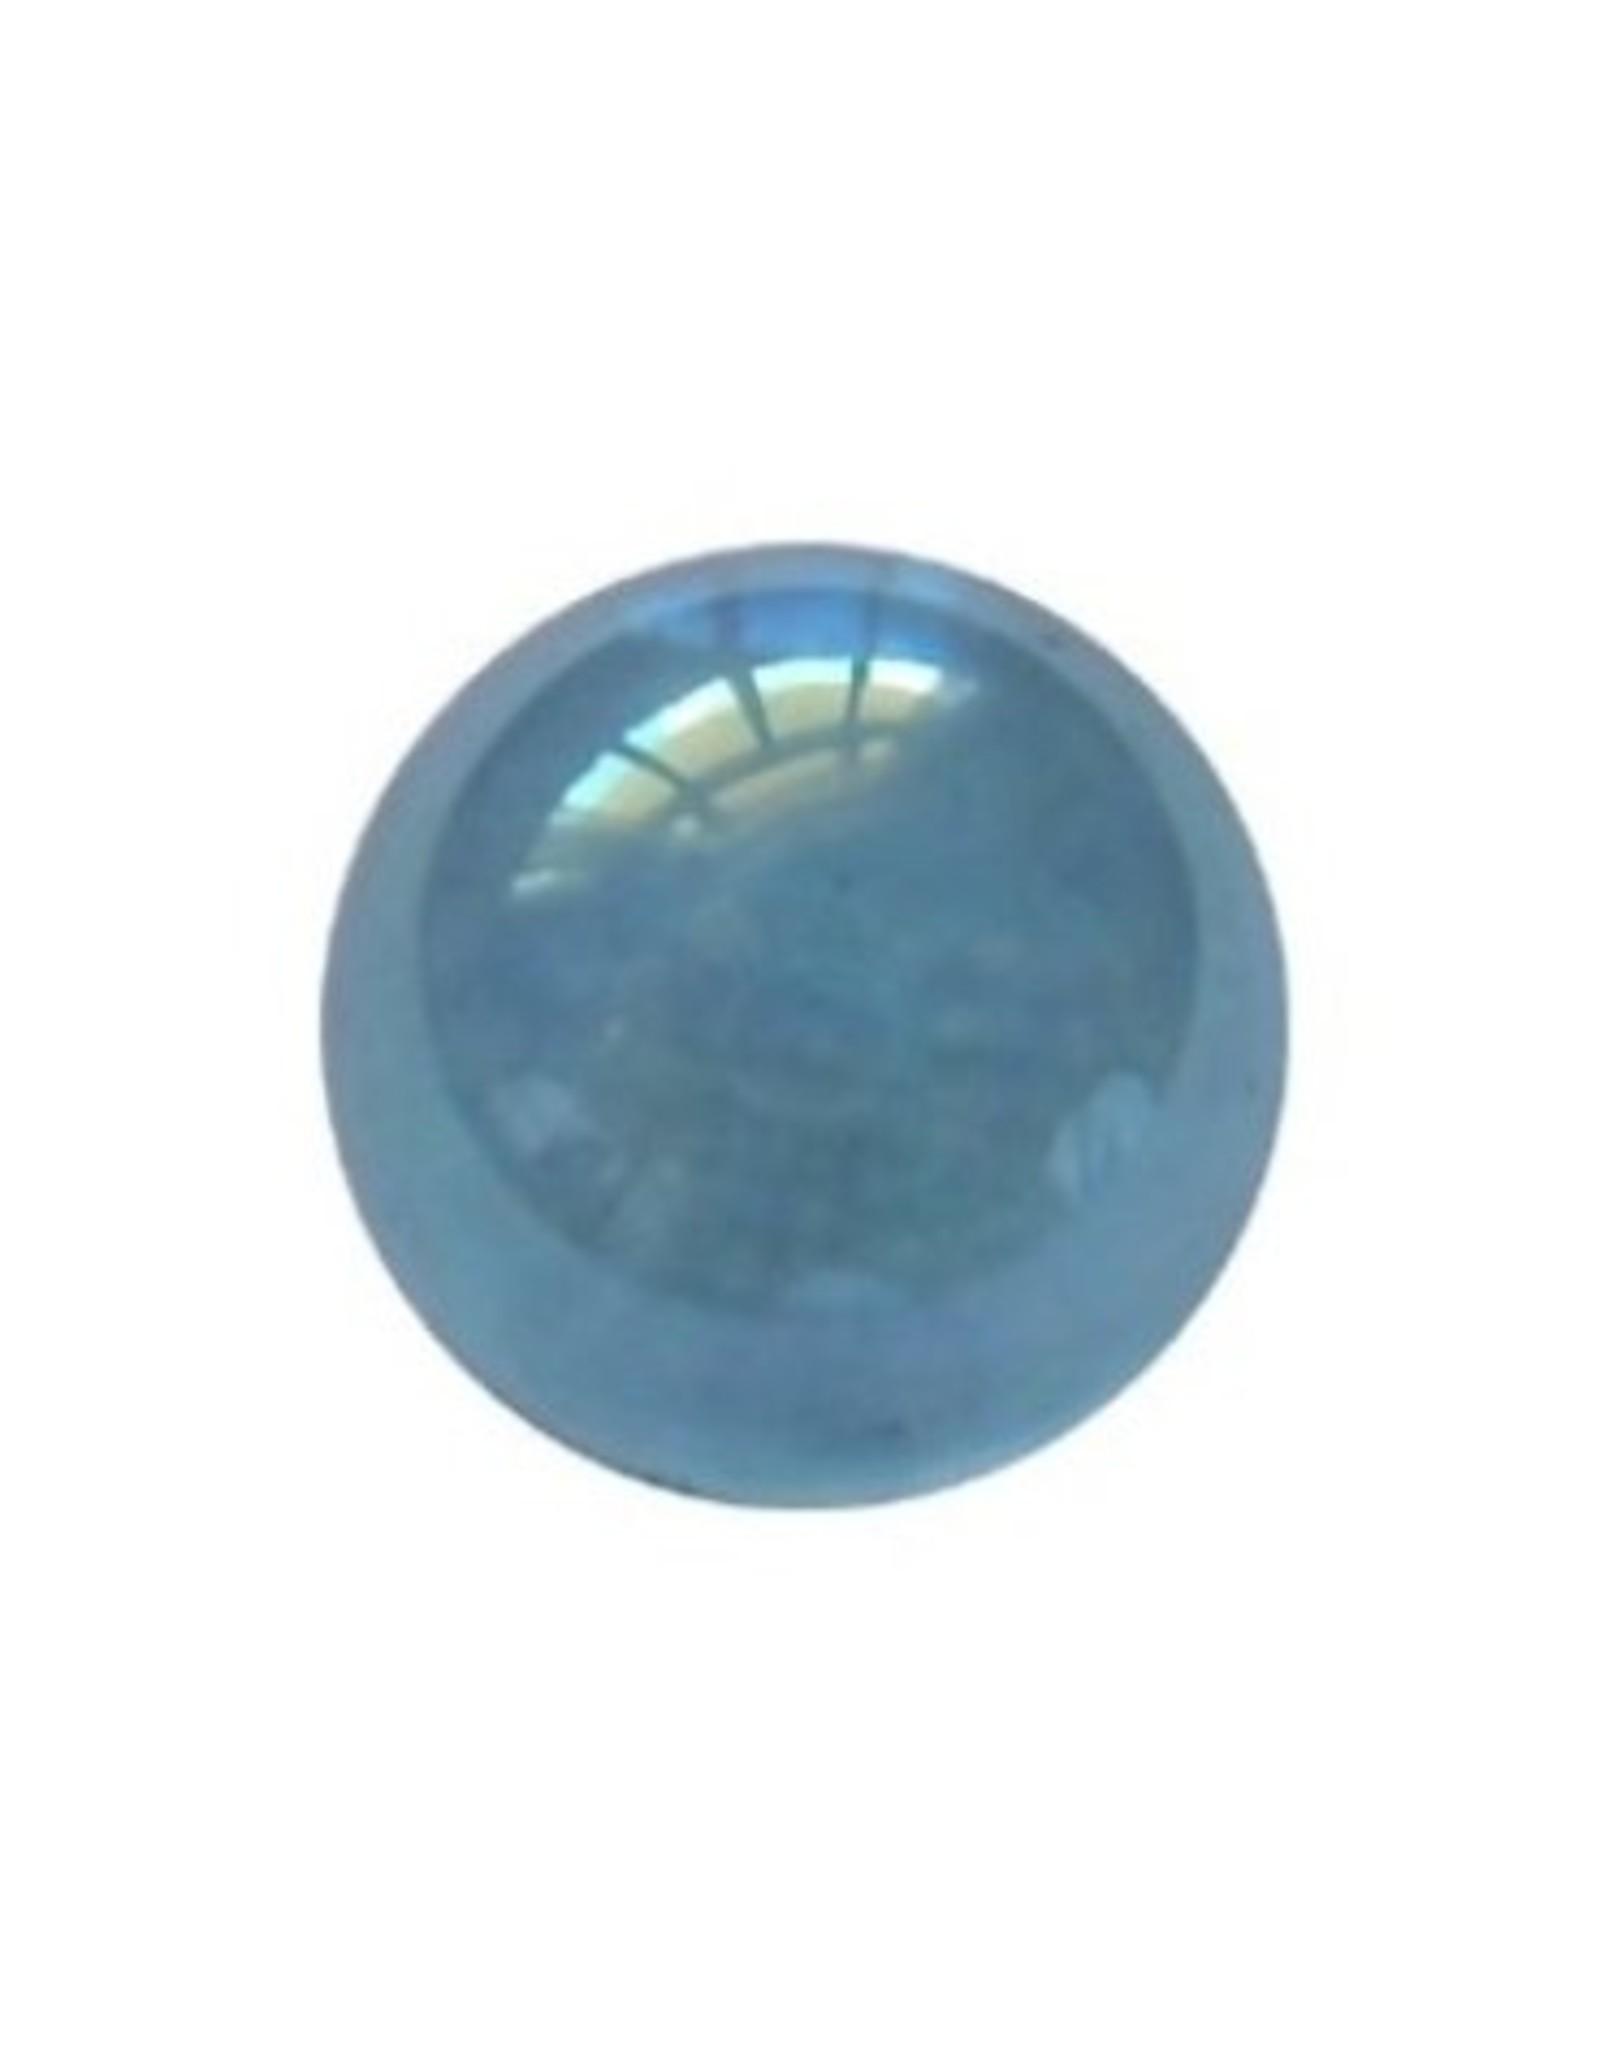 Wisselsteen Aqua Aura 12 mm